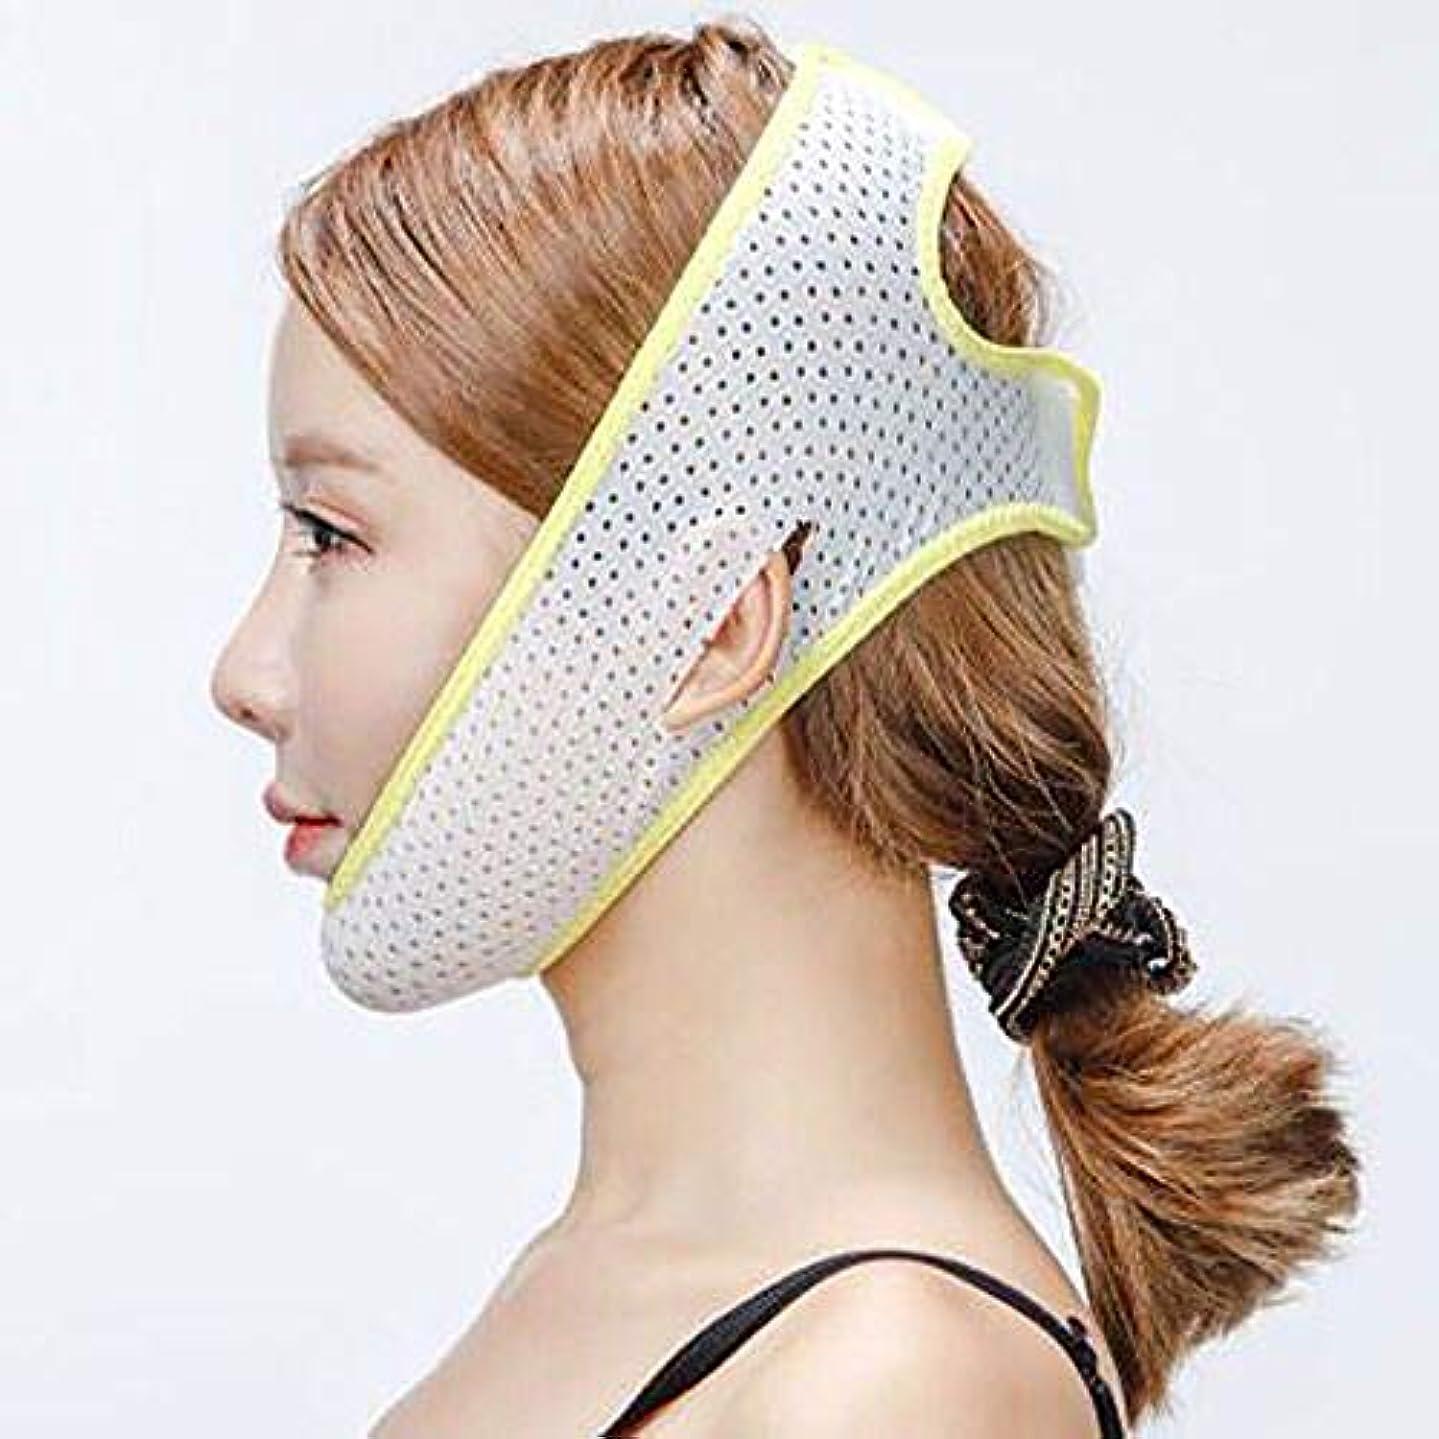 調整可能レモンメドレーVフェイス包帯マスク、睡眠薄い顔アーティファクトフェイスリフトベルトライン彫刻回復包帯物理的な持ち上がる二重あごツール,Yellow